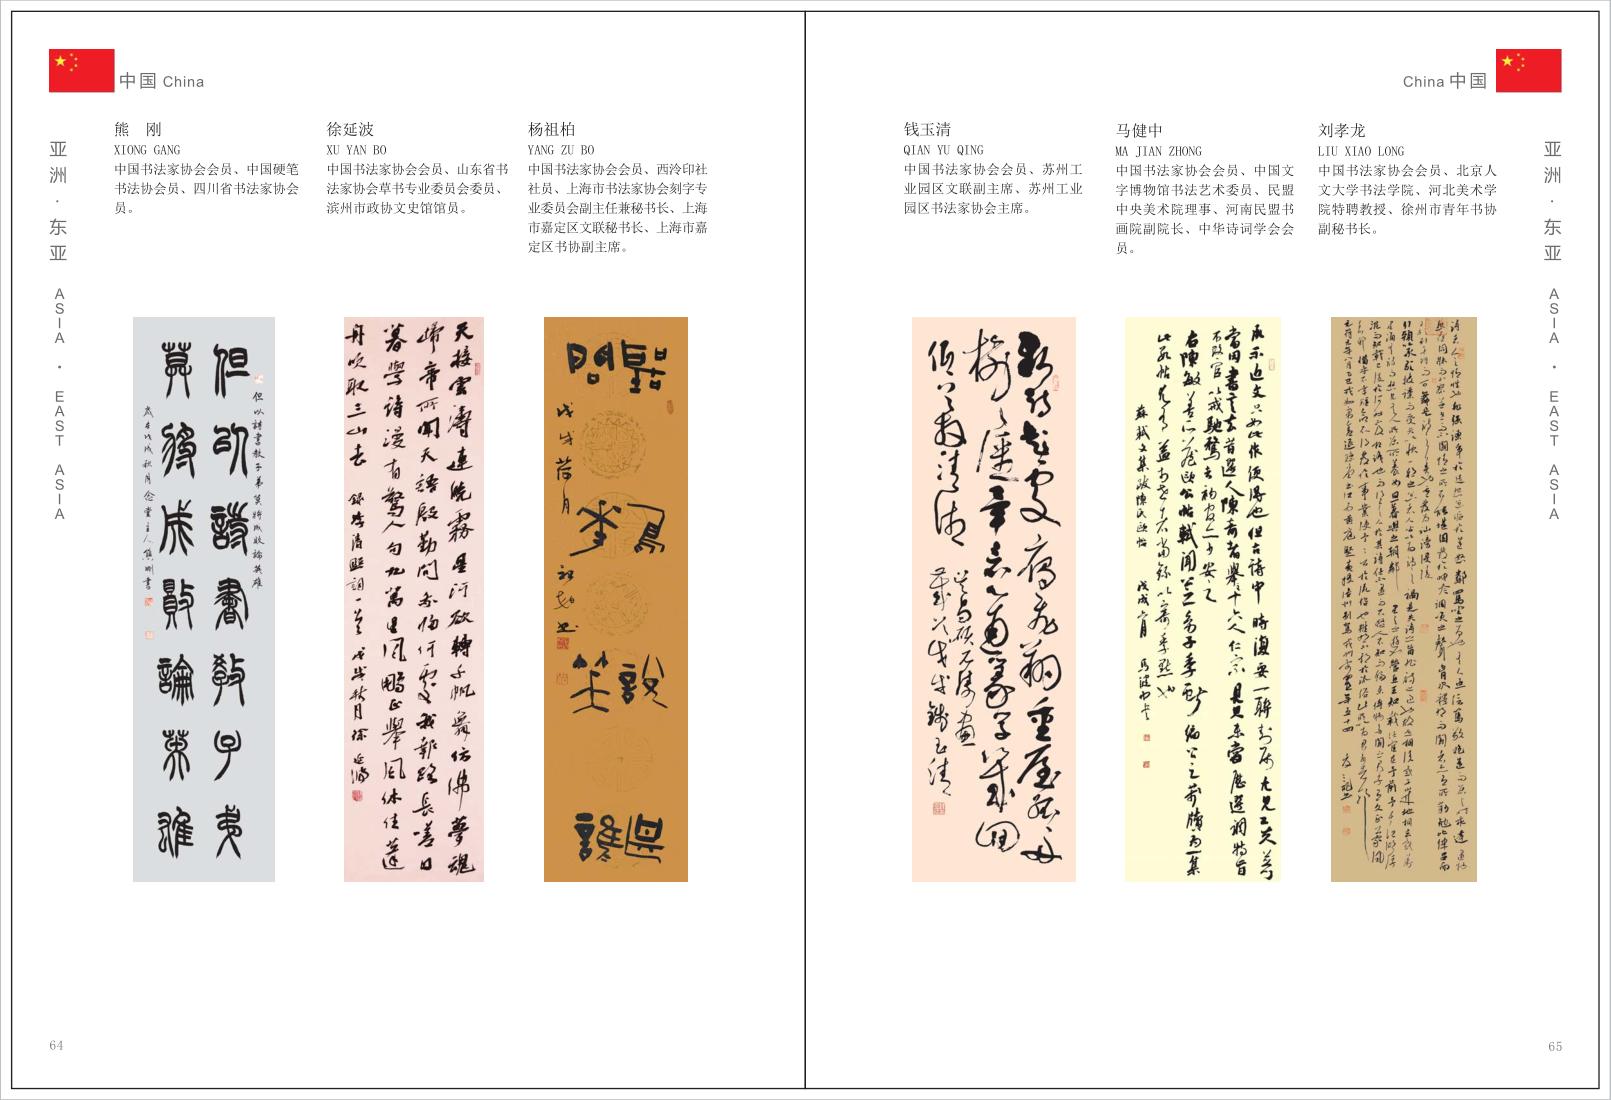 191页2_34.png